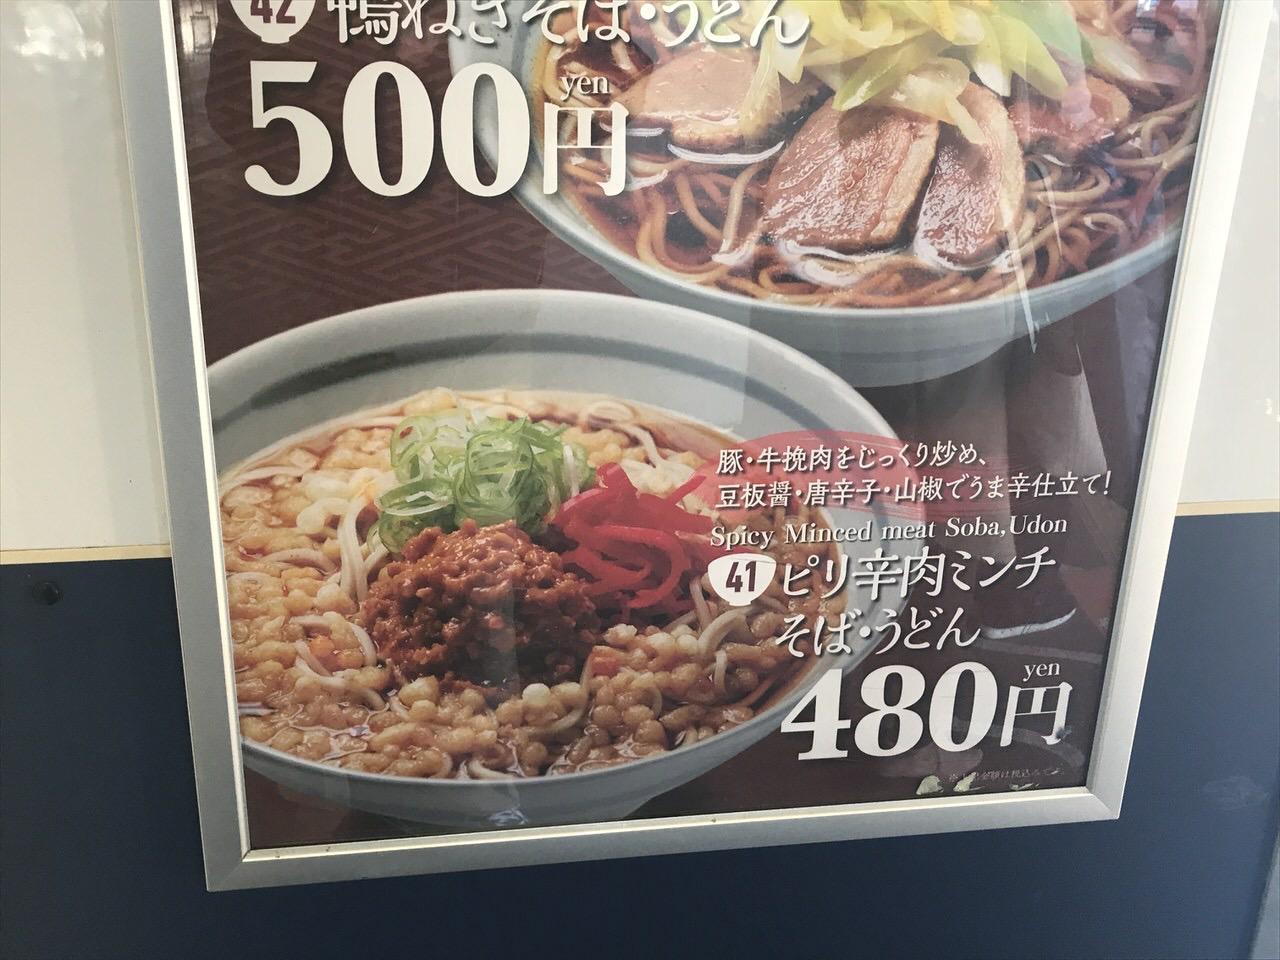 上野駅 爽亭 ピリ辛肉ミンチそば・うどん